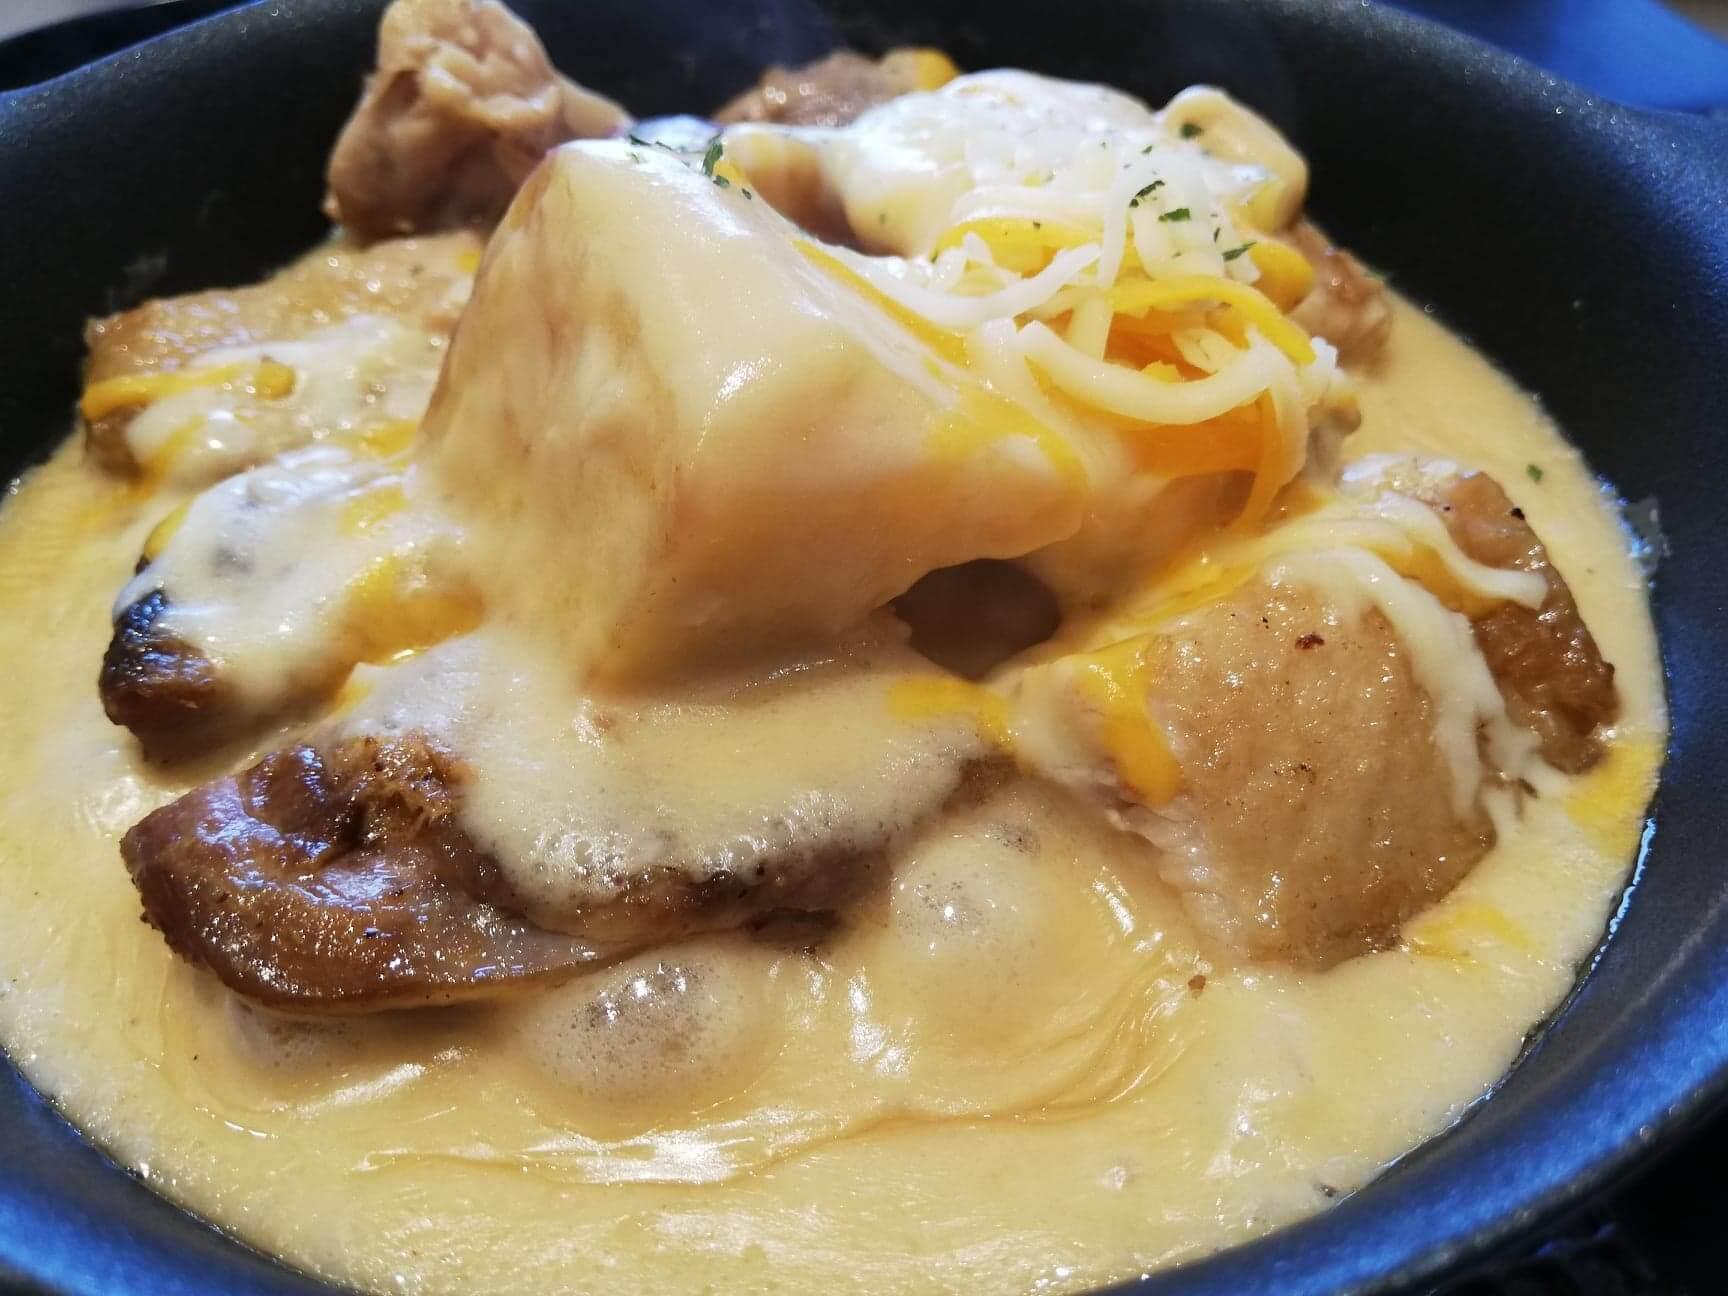 松屋『シュクメルリ鍋定食』のアップ写真